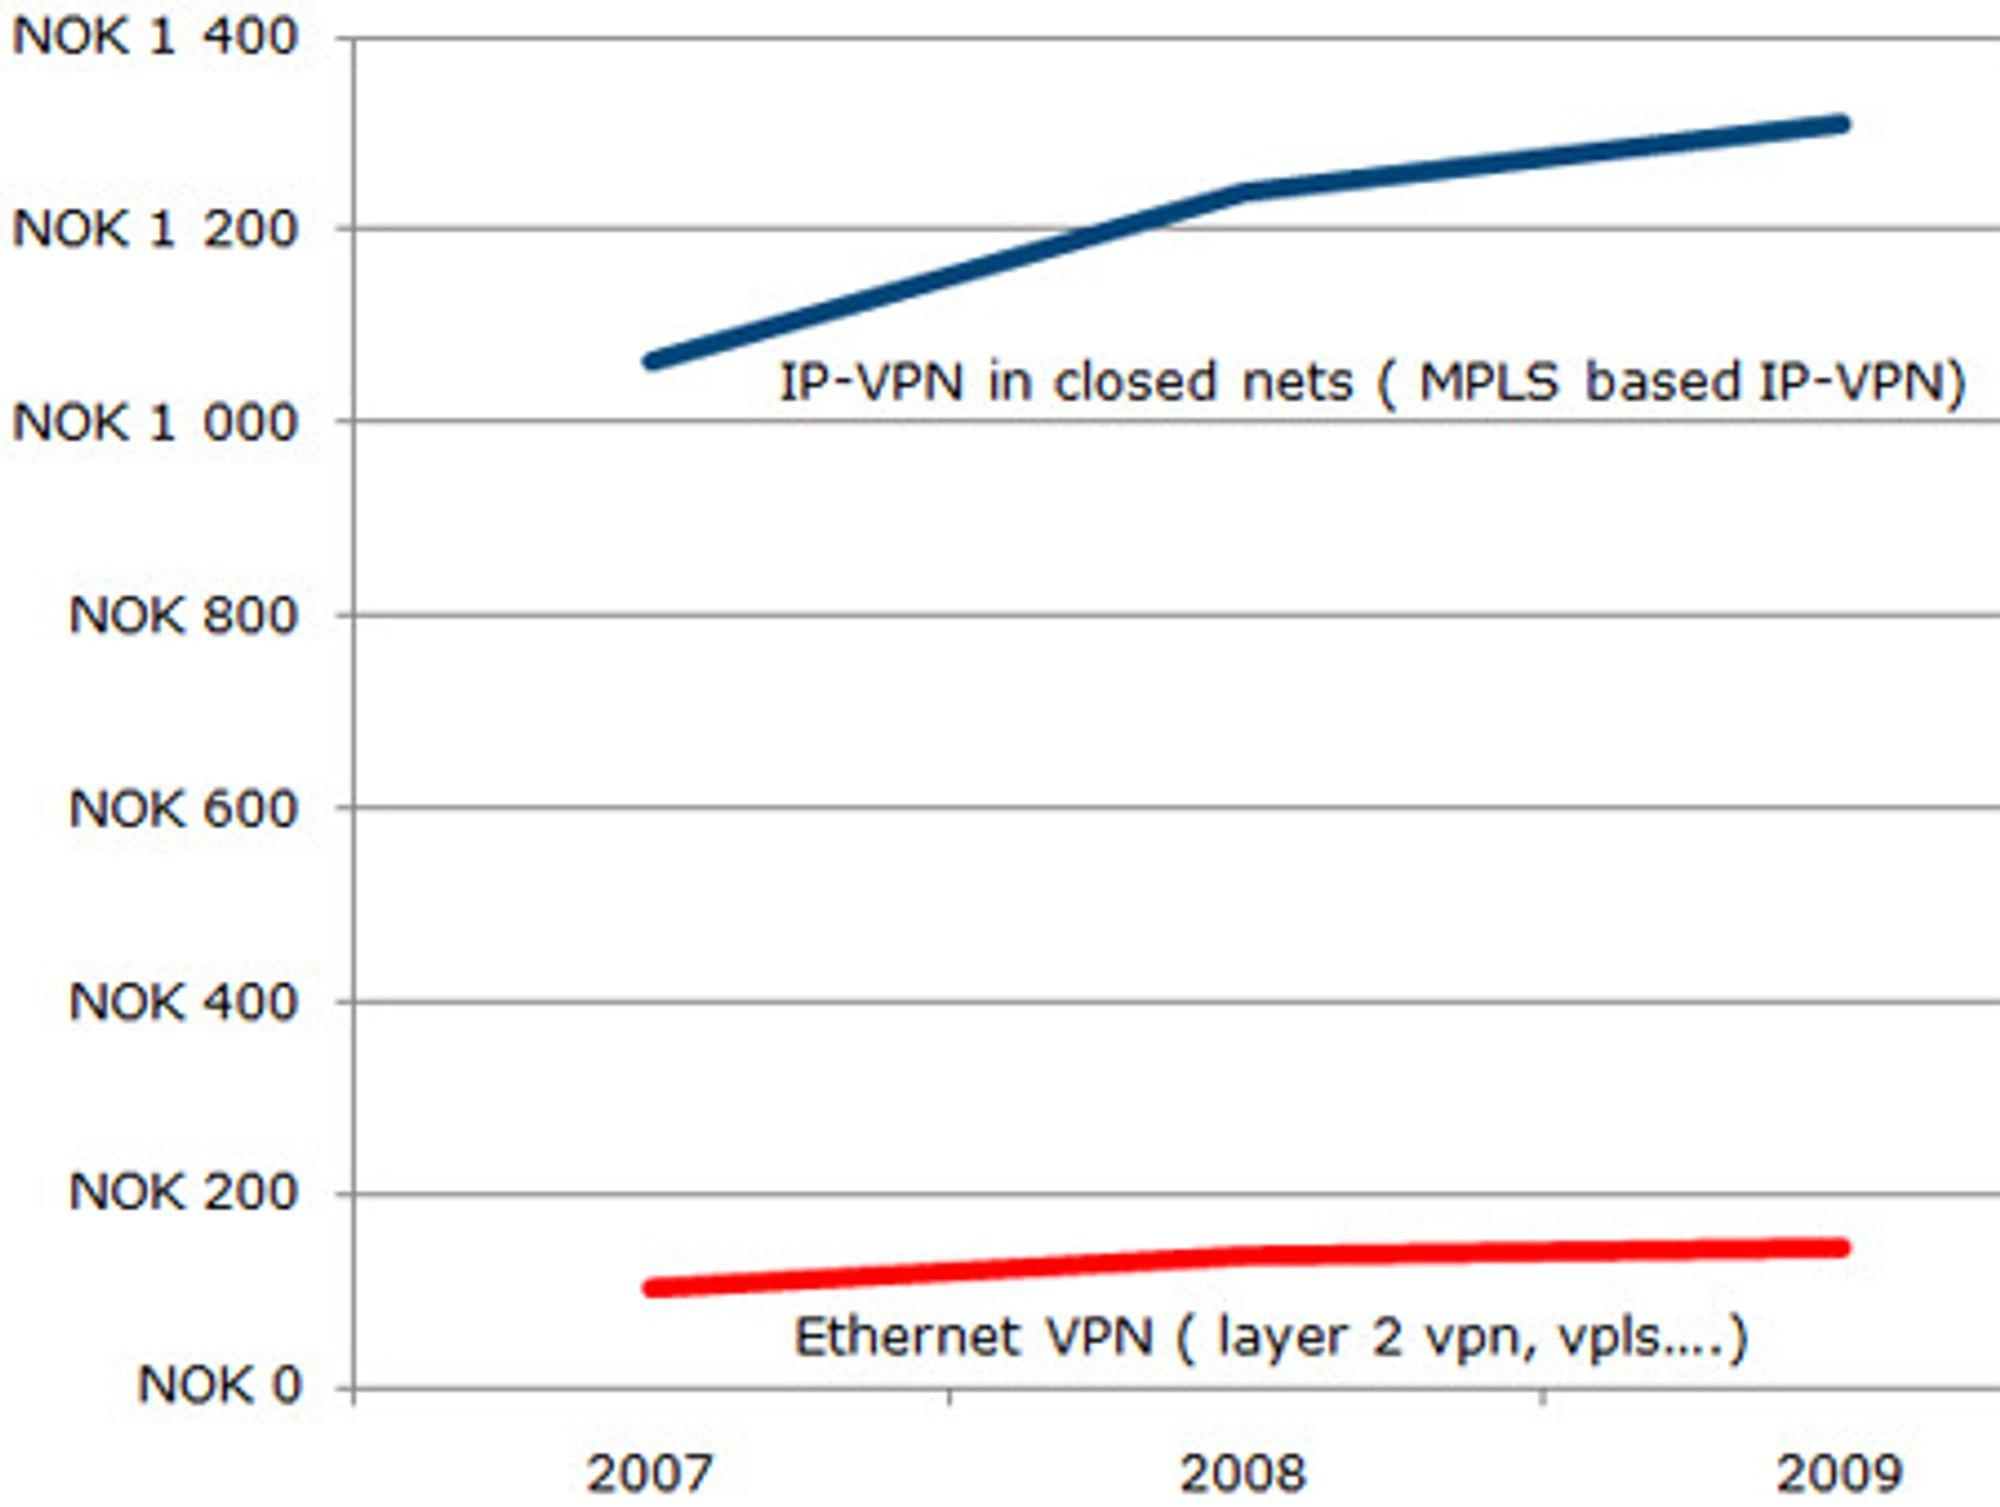 Omsetningen av Ethernet VPN kontra IP-VPN i lukkede nett i Norge, målt i millioner kroner. Norge ligger langt etter resten av verden i bruken av Ethernet VPN.